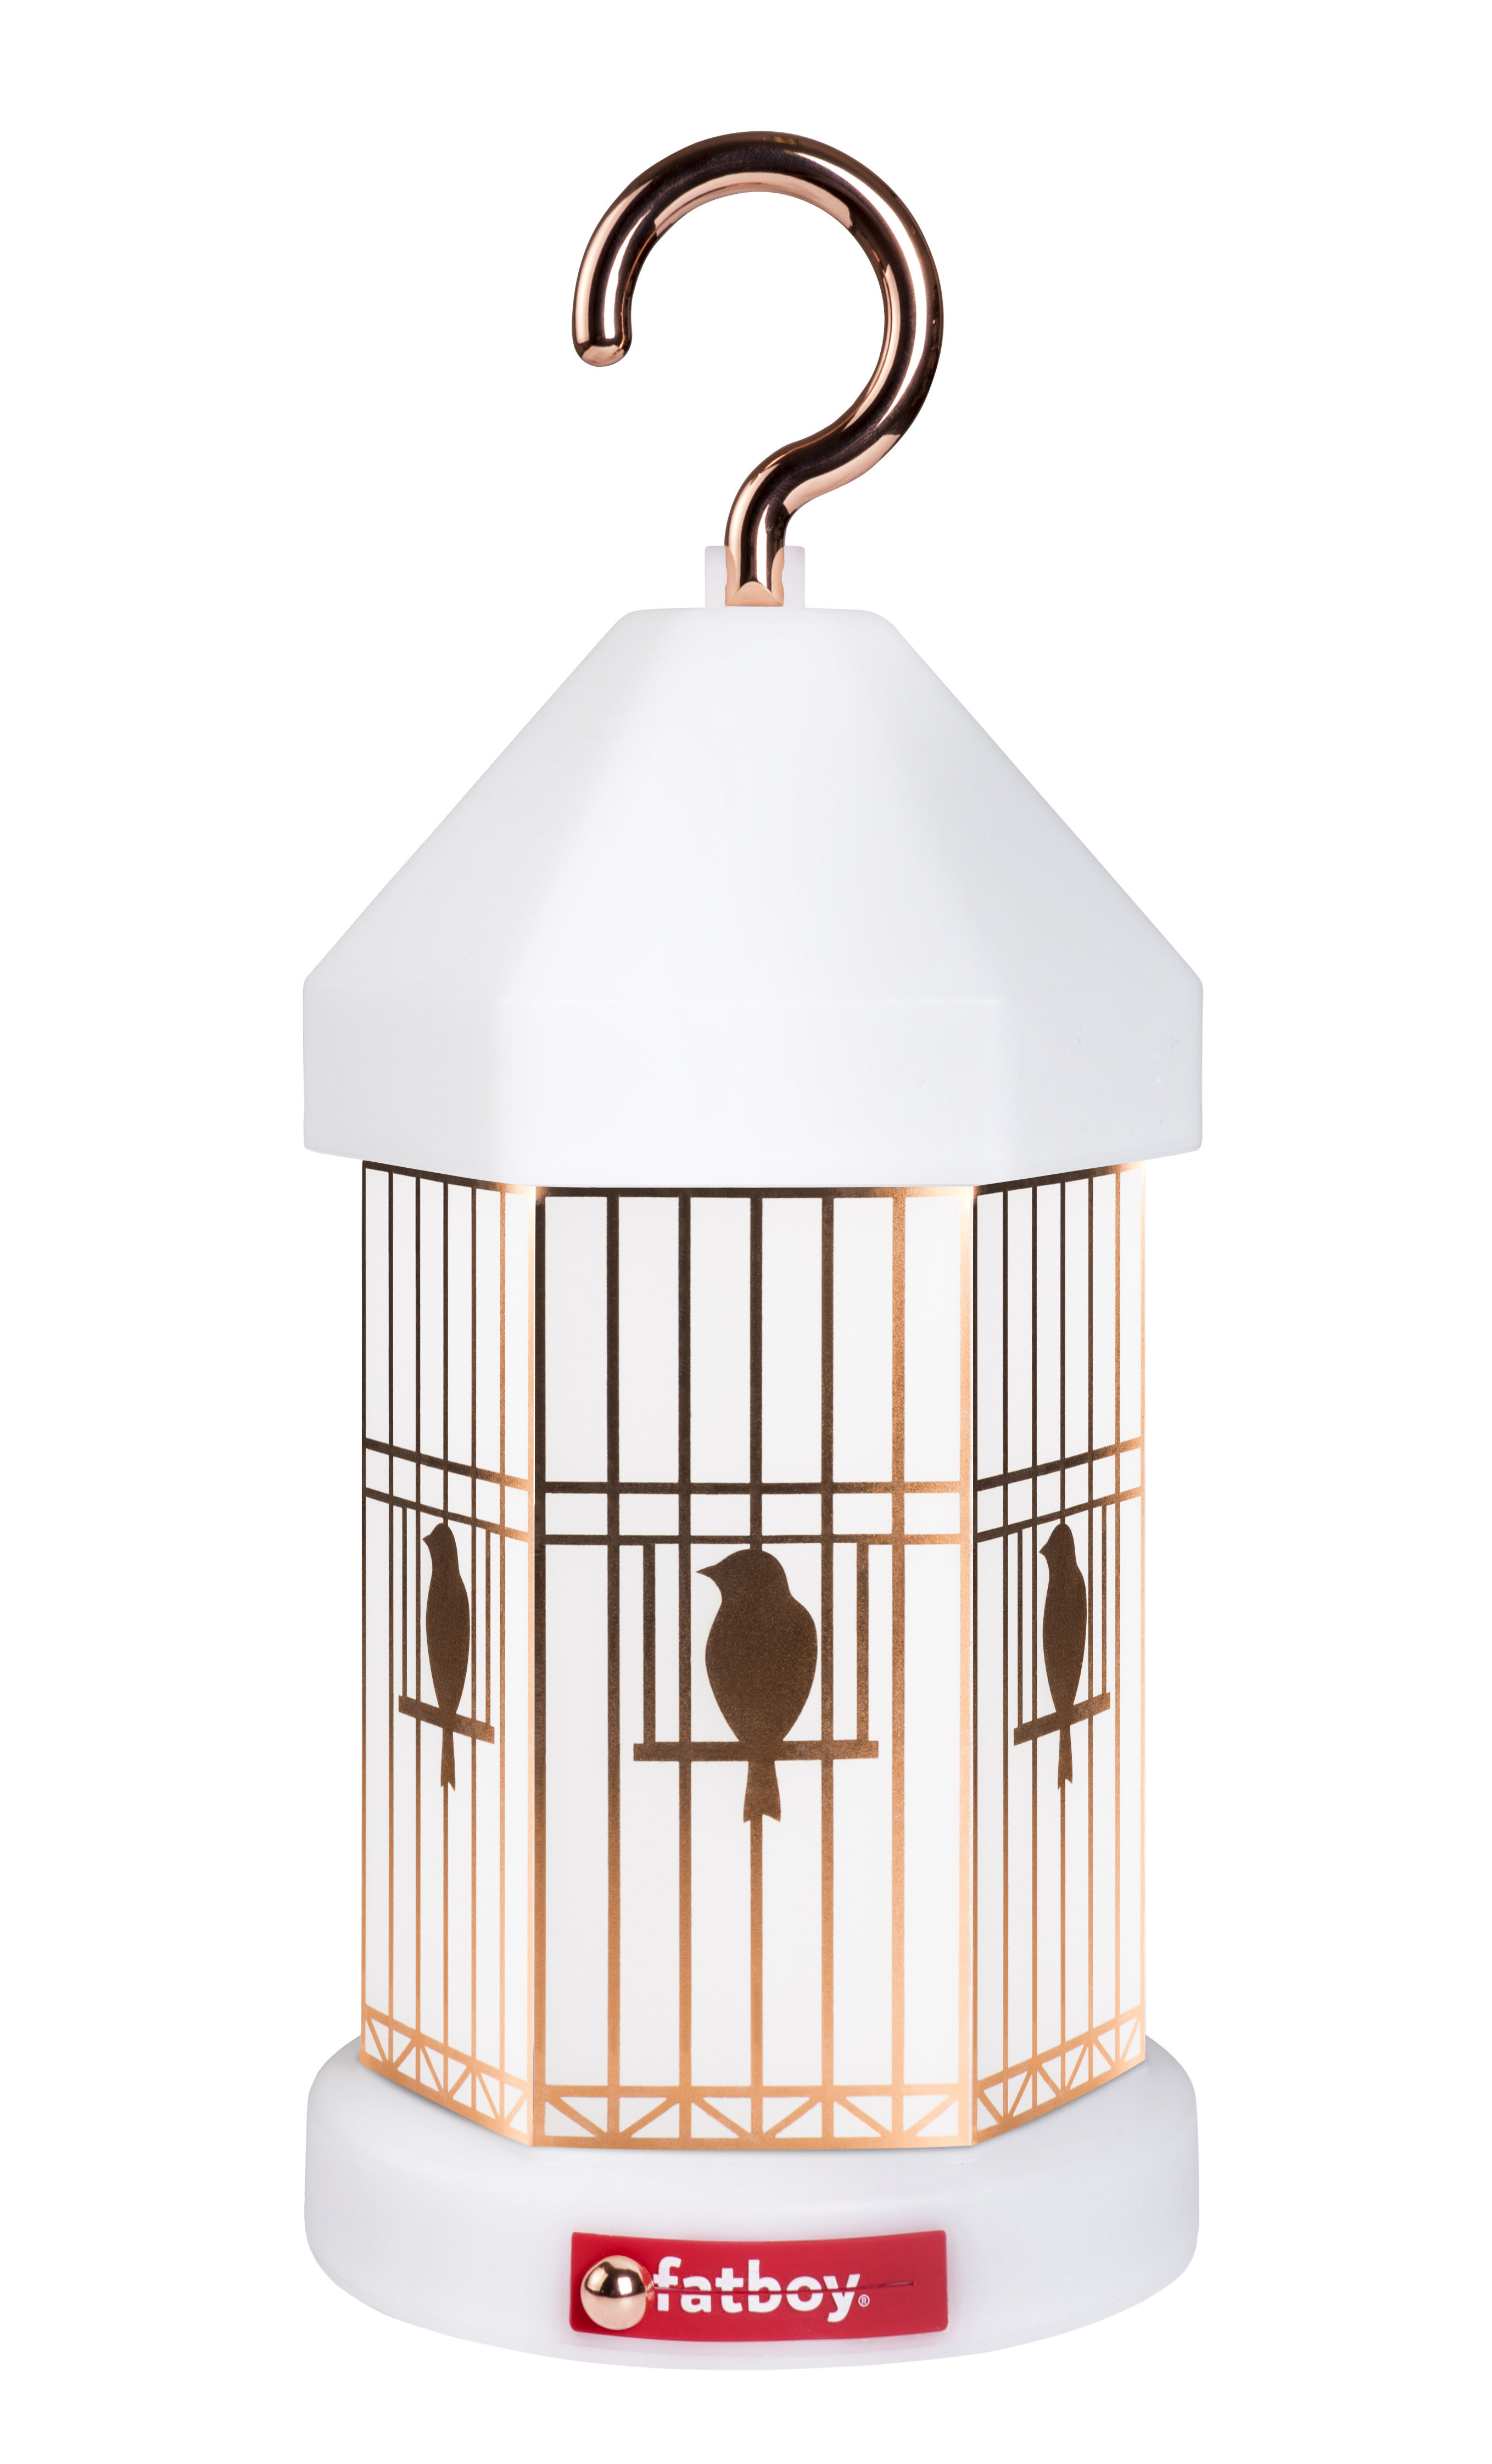 Luminaire - Lampes de table - Lampe sans fil Lampie-ON Deluxe / Recharge USB - 3 manchons décoratifs inclus - Fatboy - Blanc / Crochet cuivre - Polypropylène